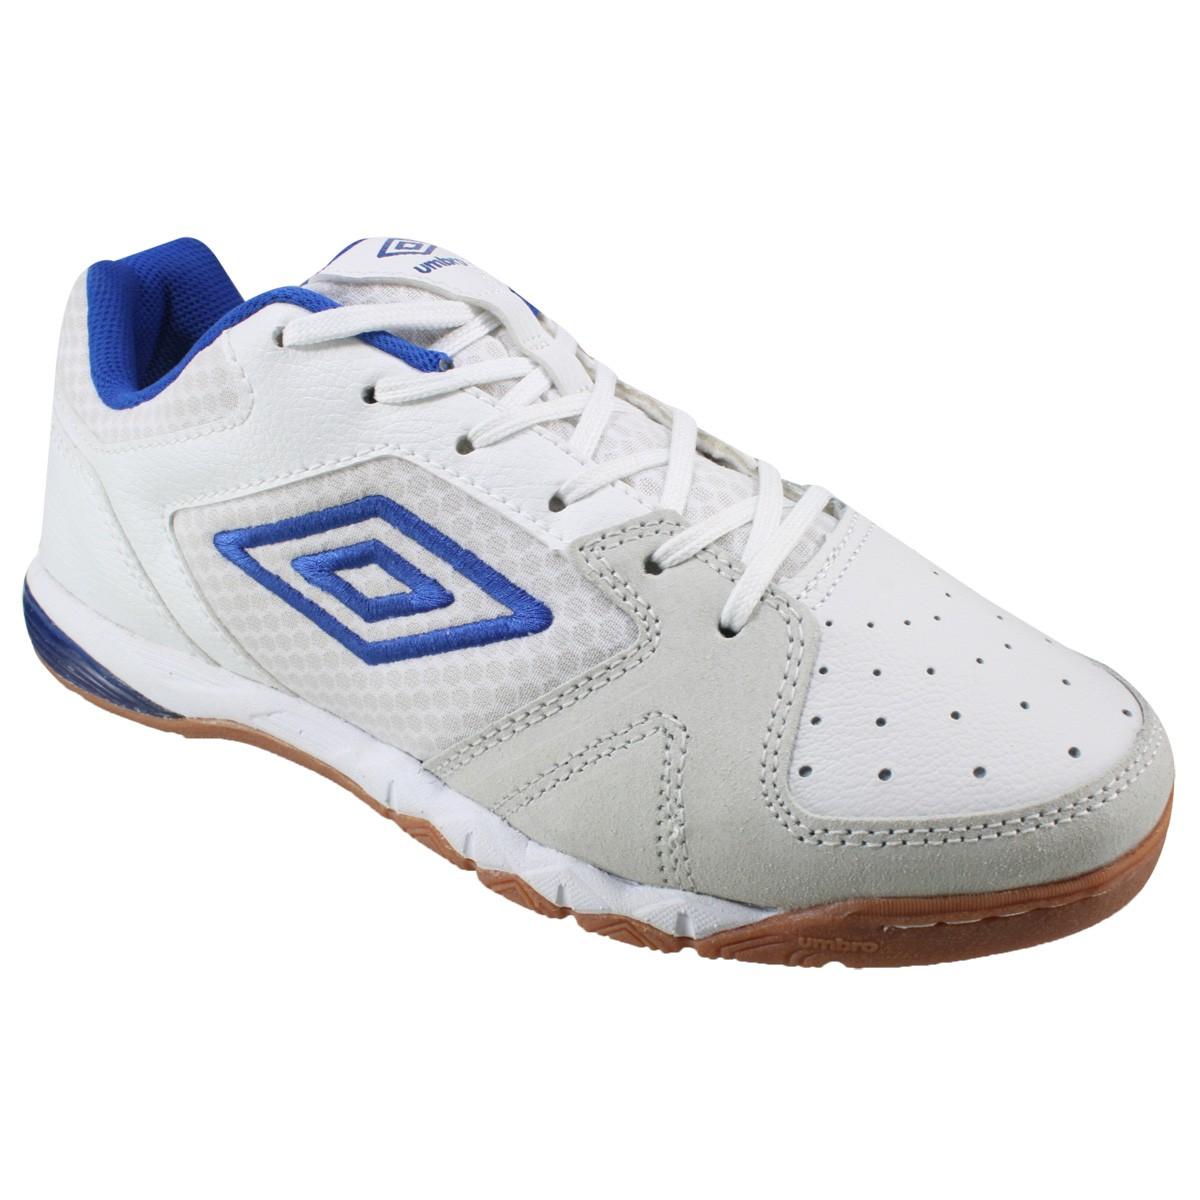 c9688f25df Indoor Umbro ID PRO III OF72056-232 - Branco Azul - Calçados Online ...